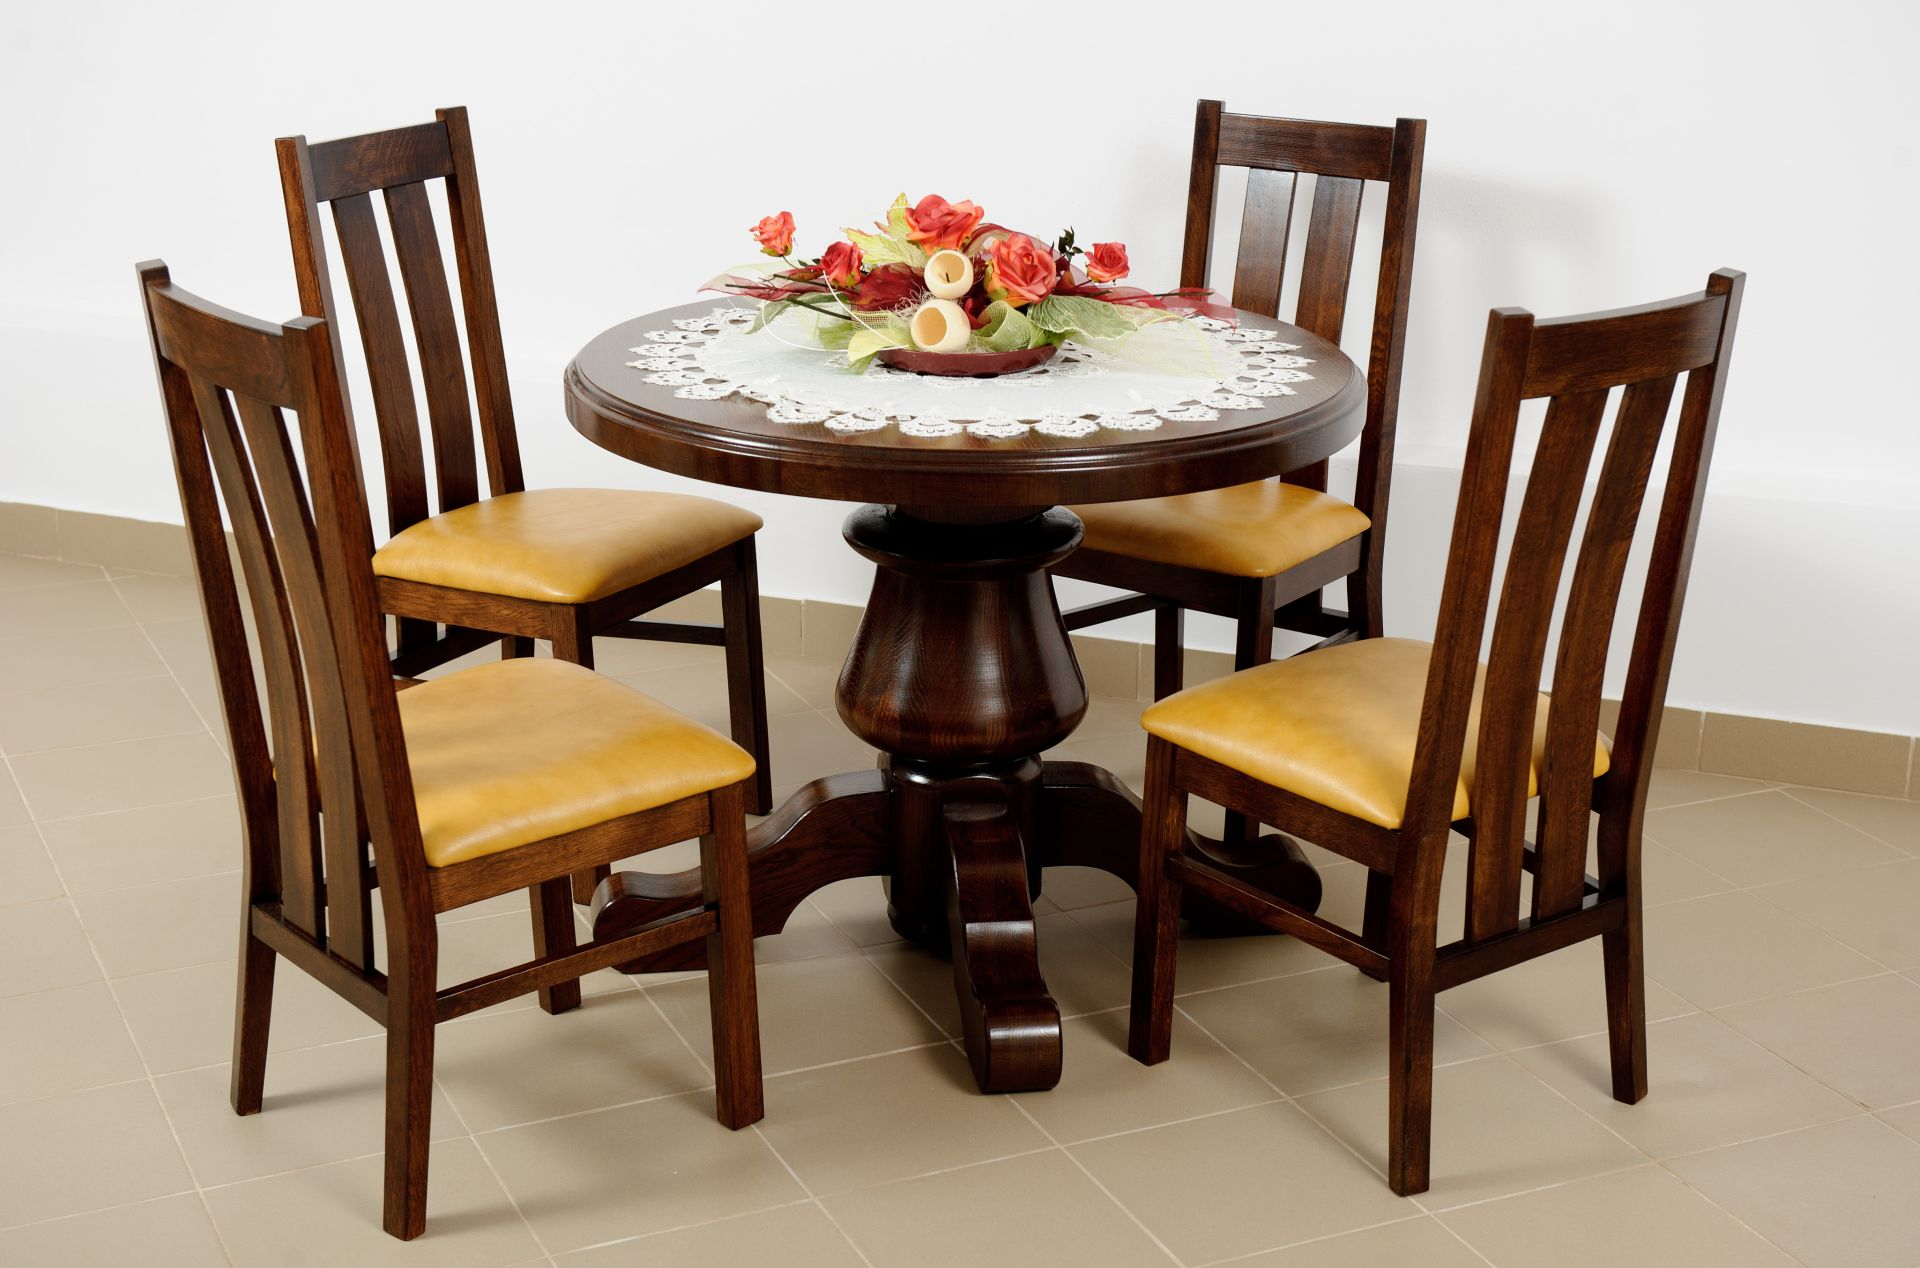 Dubový stůl kruhový jídelní